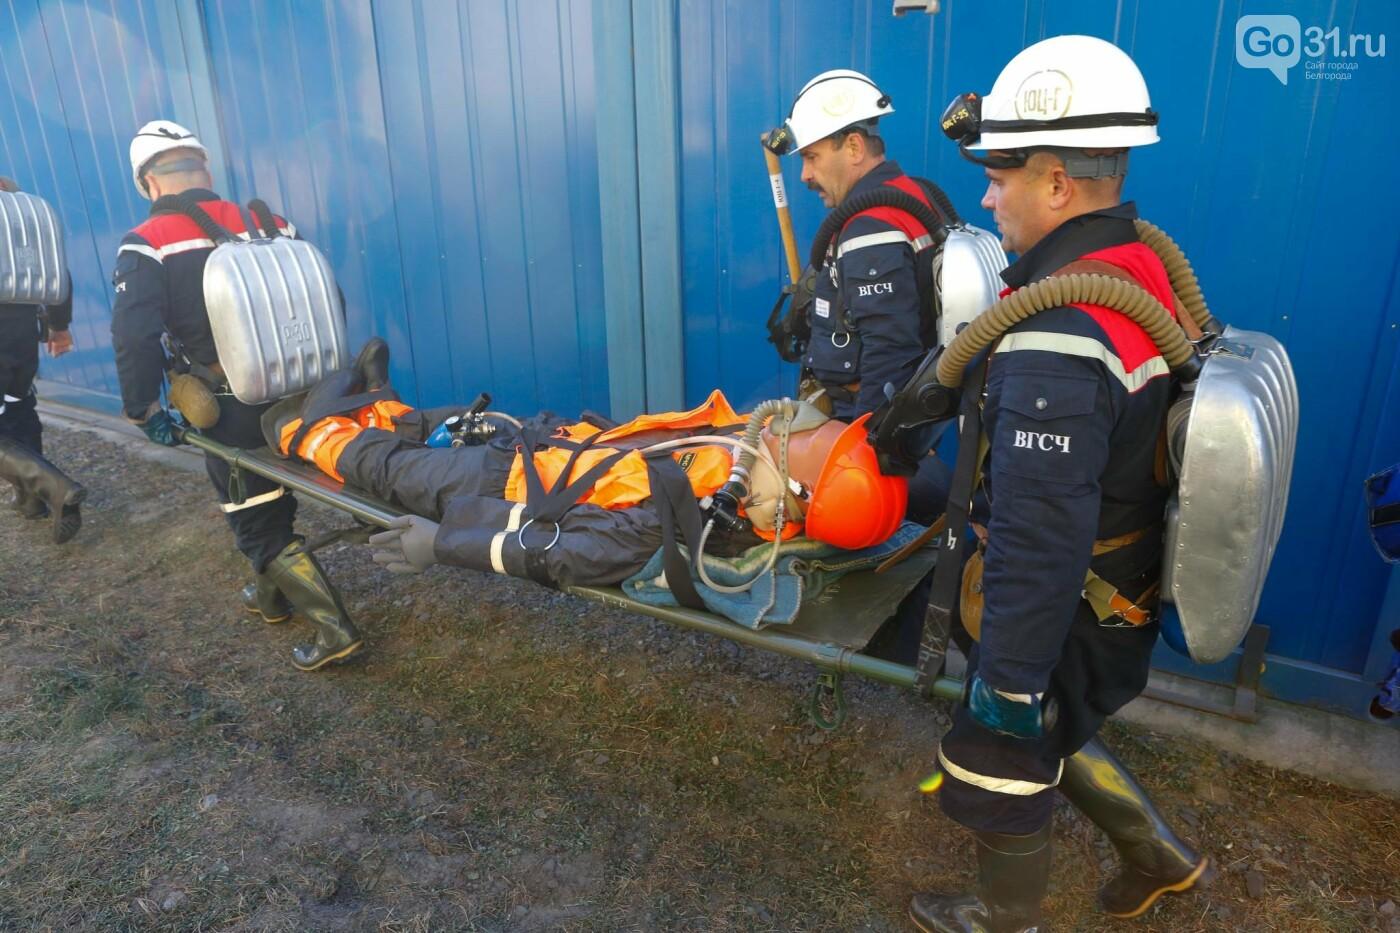 В Белгородской области горноспасатели провели спецоперацию, фото-19